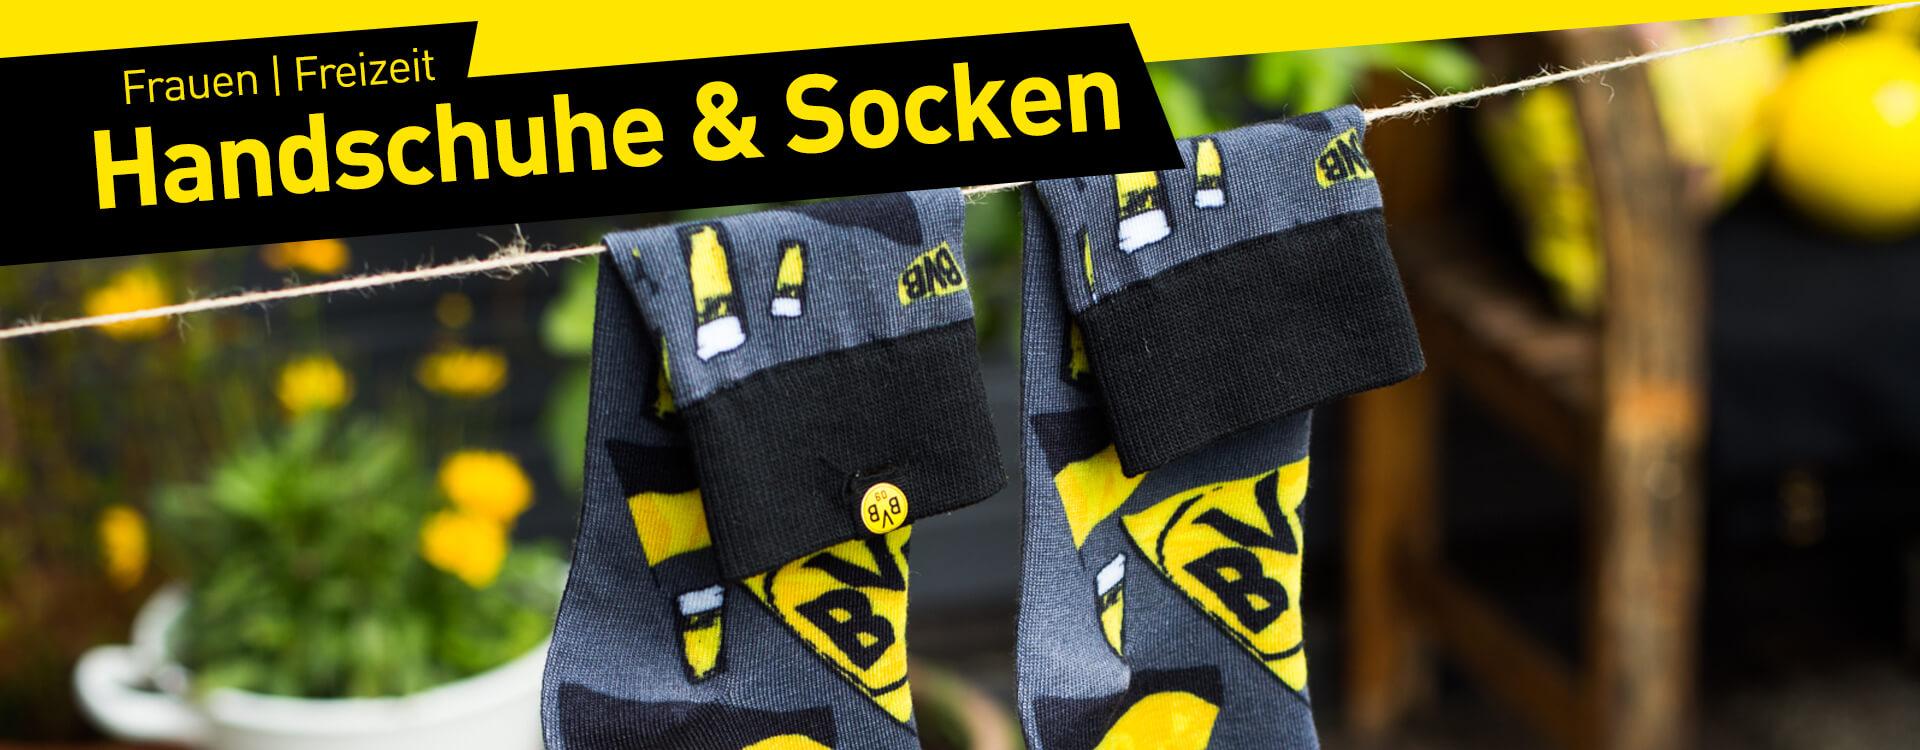 Onlineshop-Kategorieb-hnen-Desktop-1920x750px_Frauen-Freizeit-Handschuhe-Socken